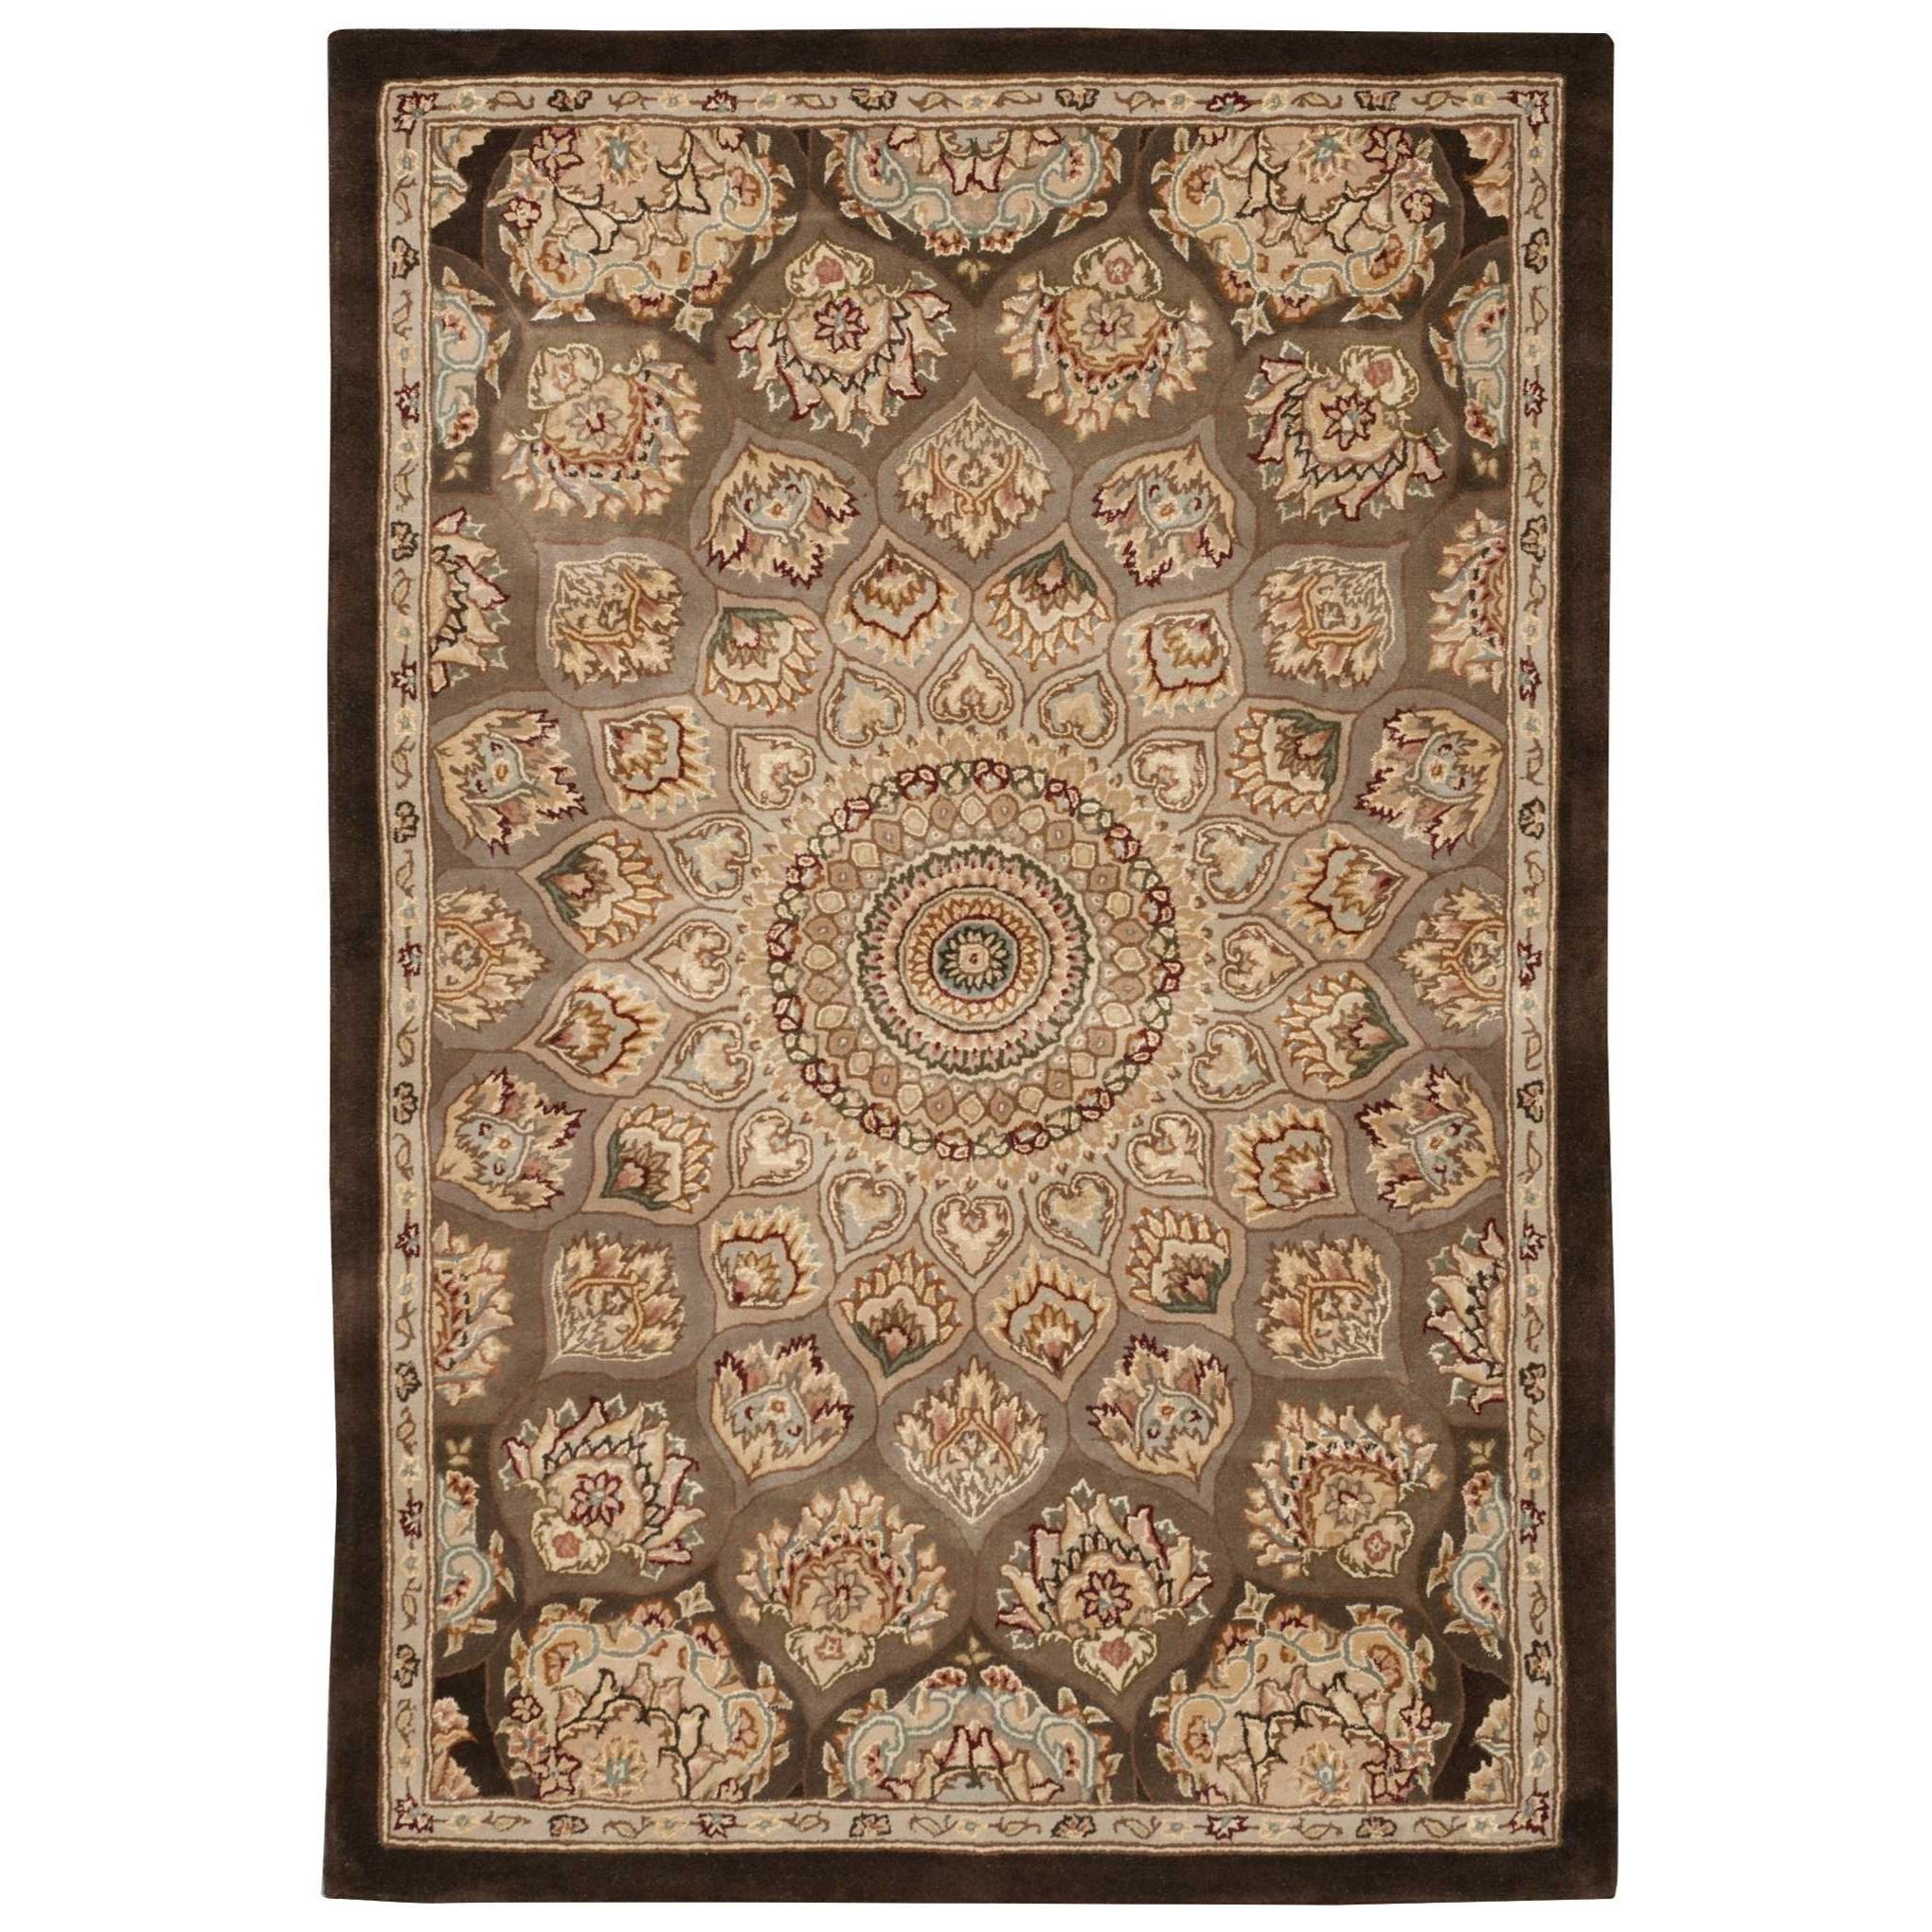 Nourison Nourison 2000 2' x 3' Brown Rectangle Rug - Item Number: 2318 BRN 2X3